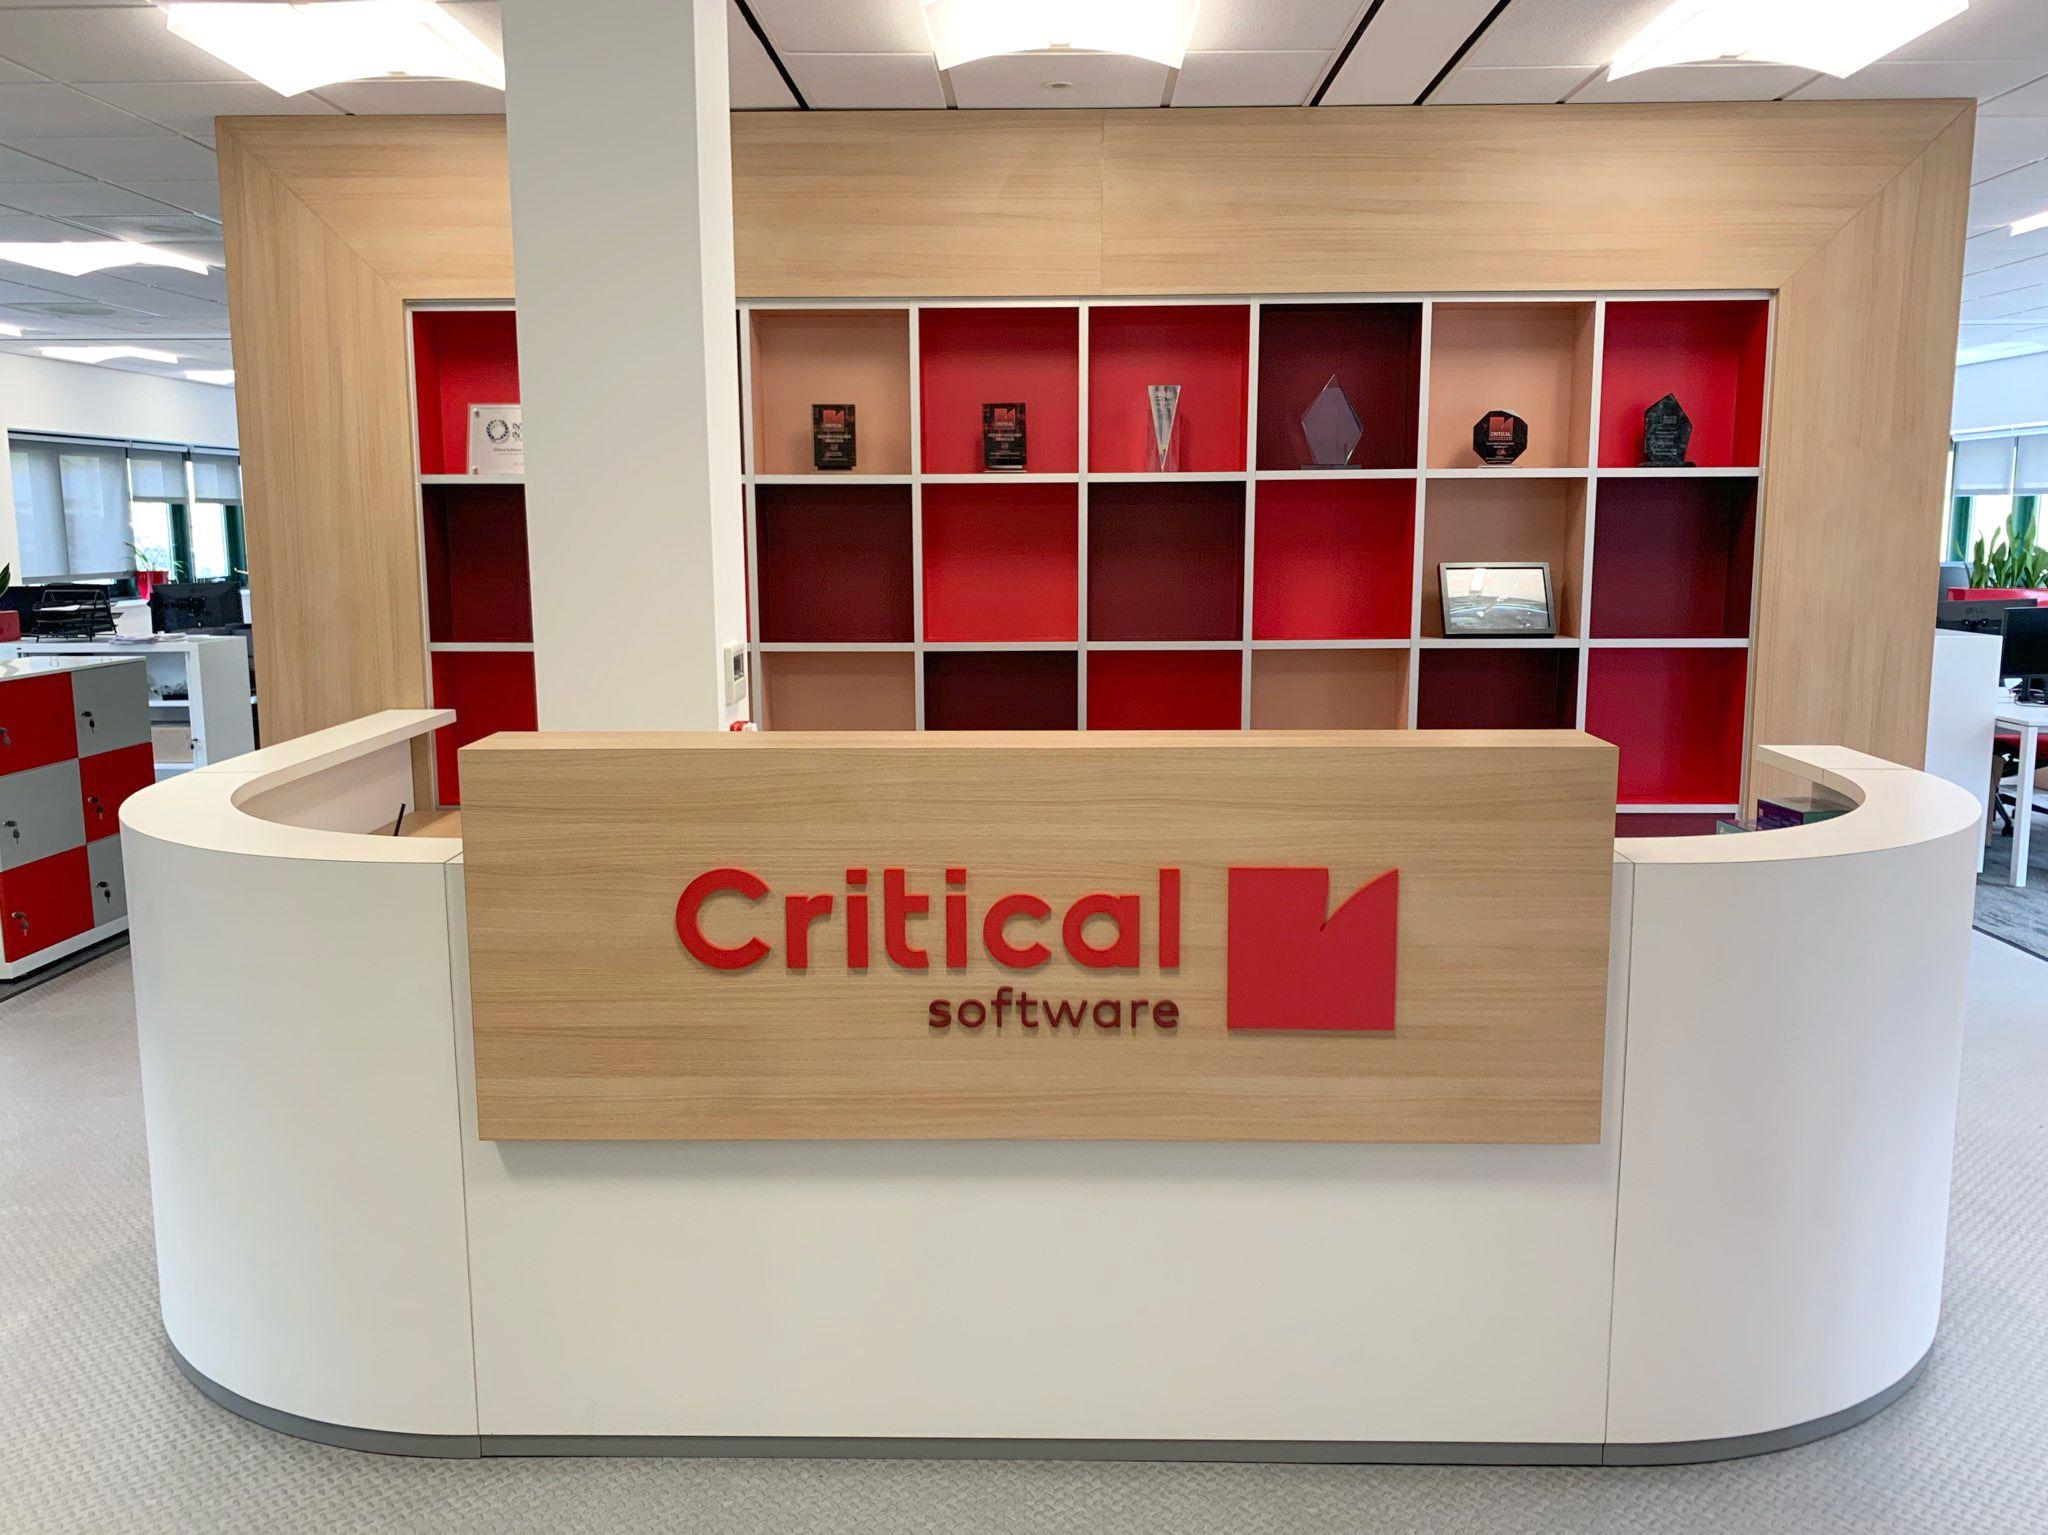 Critical Software Expande Escritório No Reino Unido